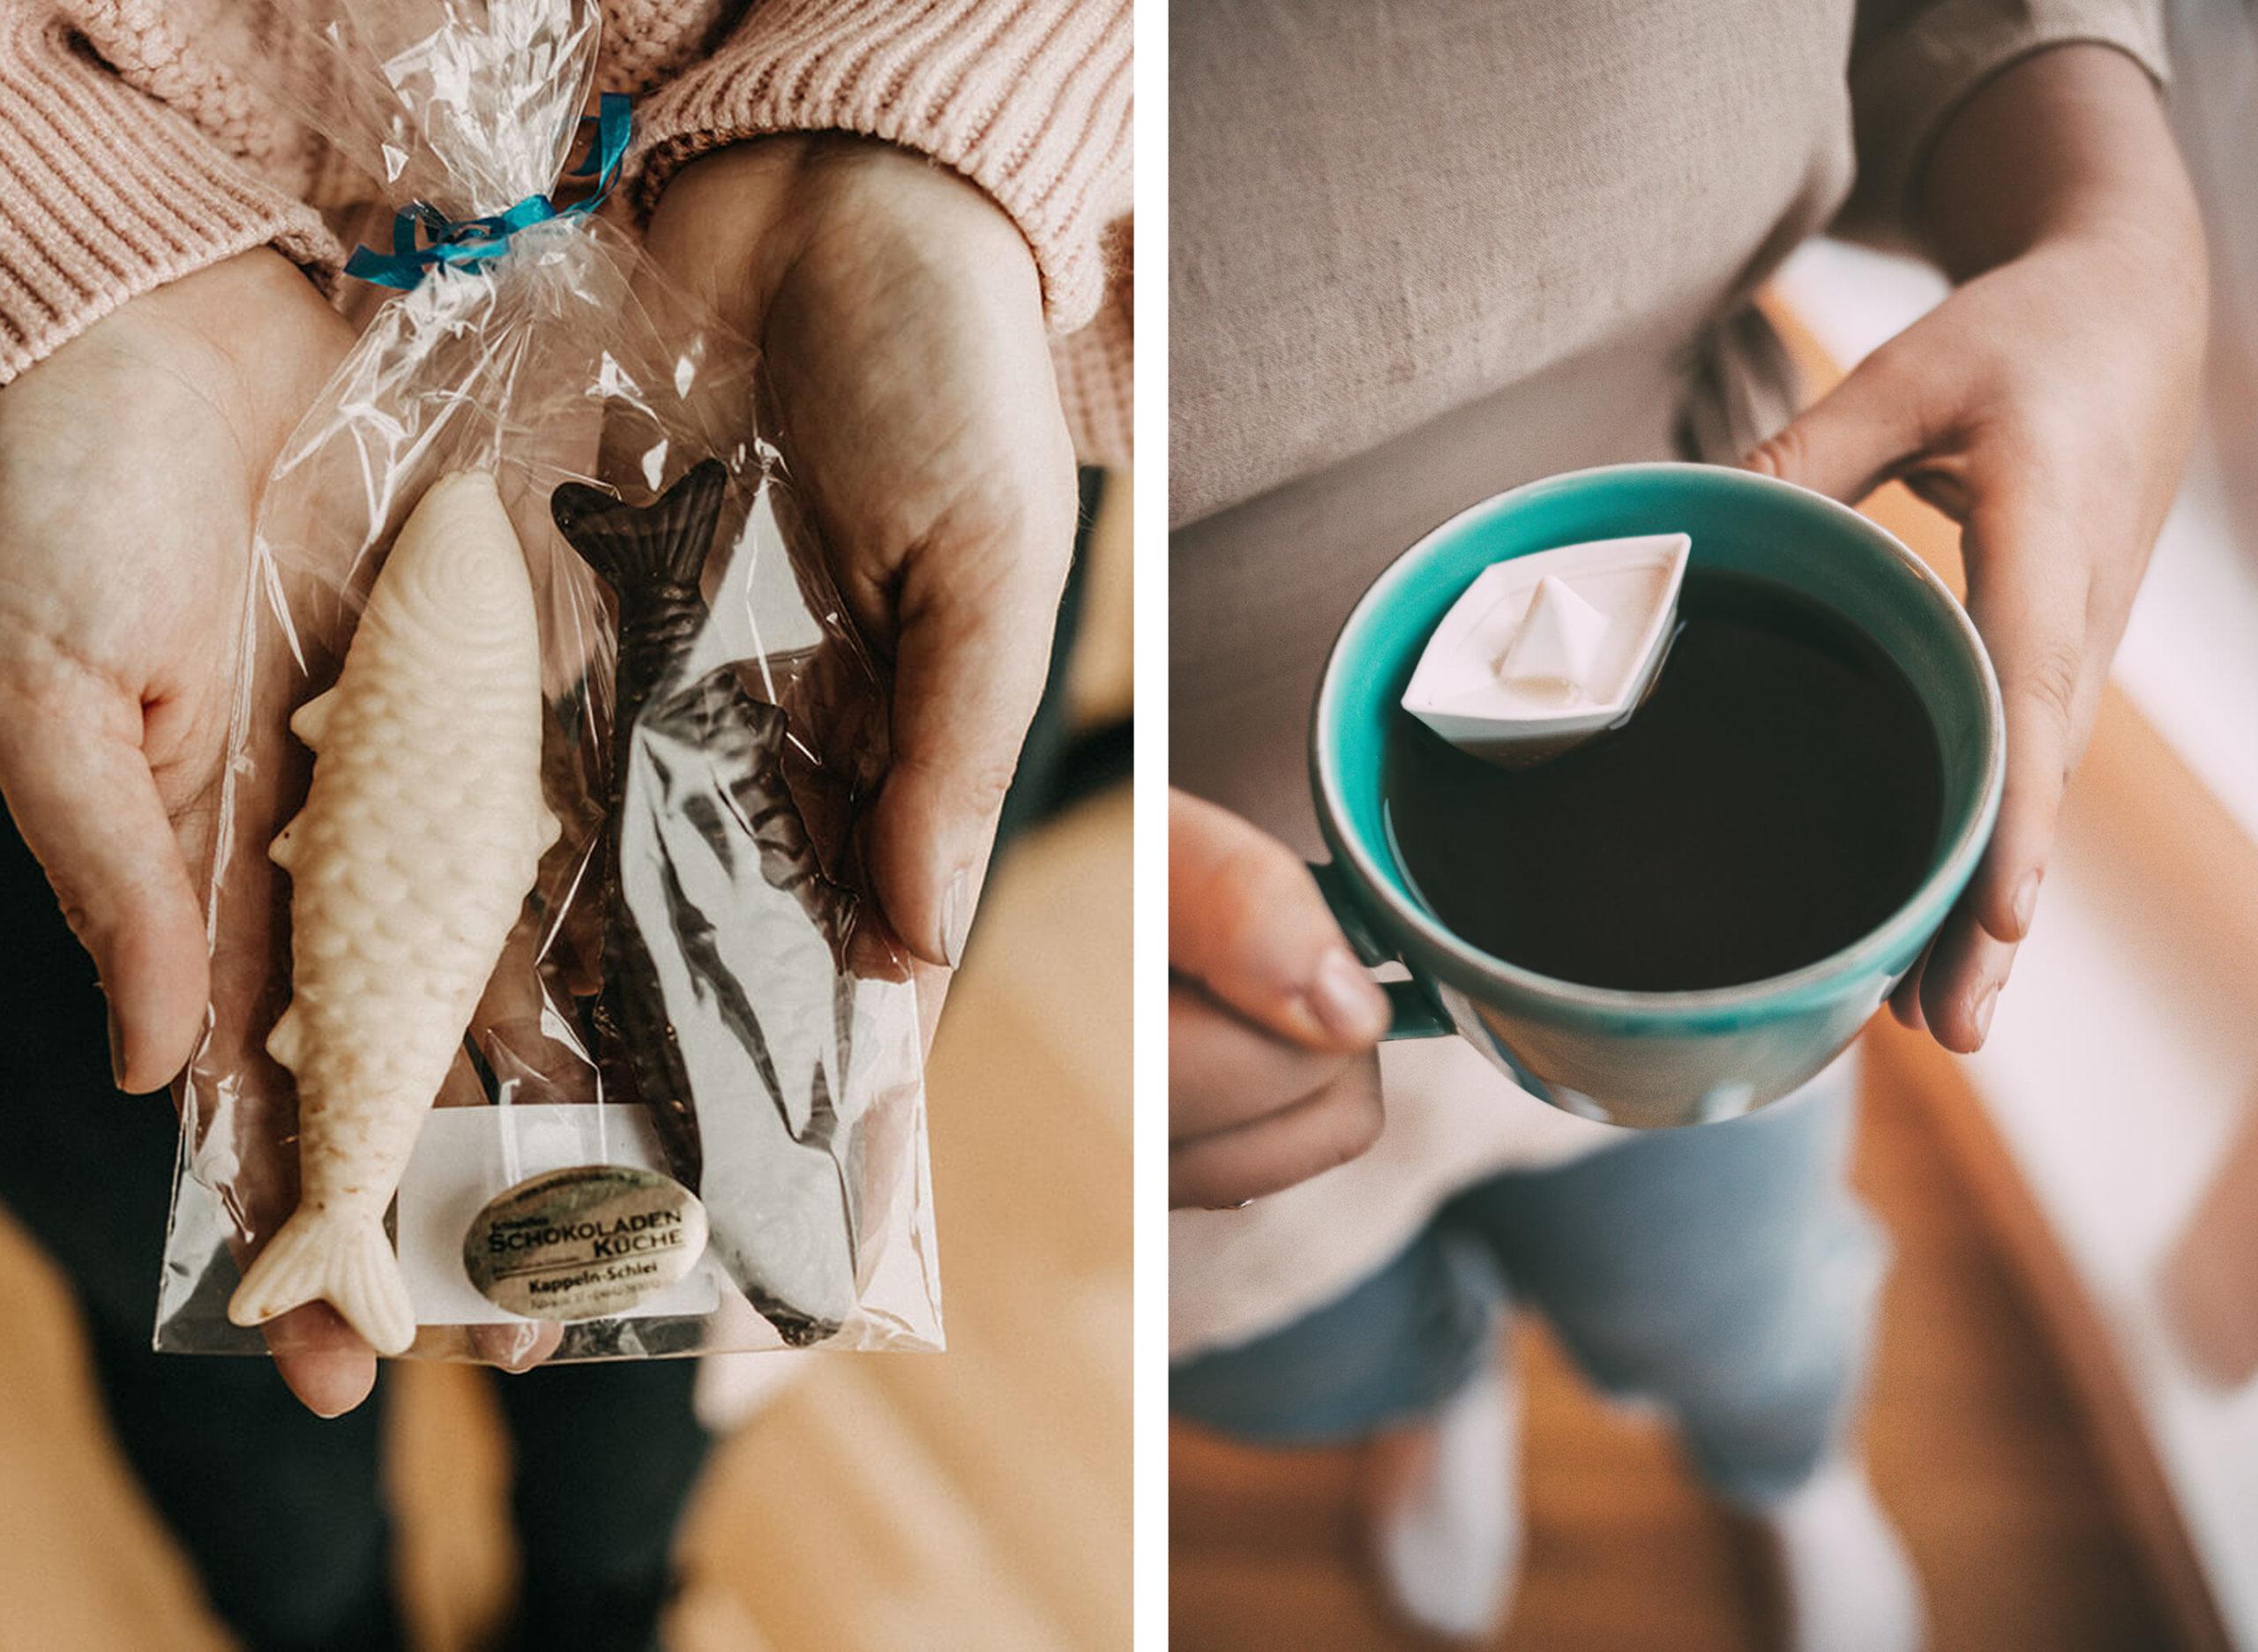 Schokolade und Tee